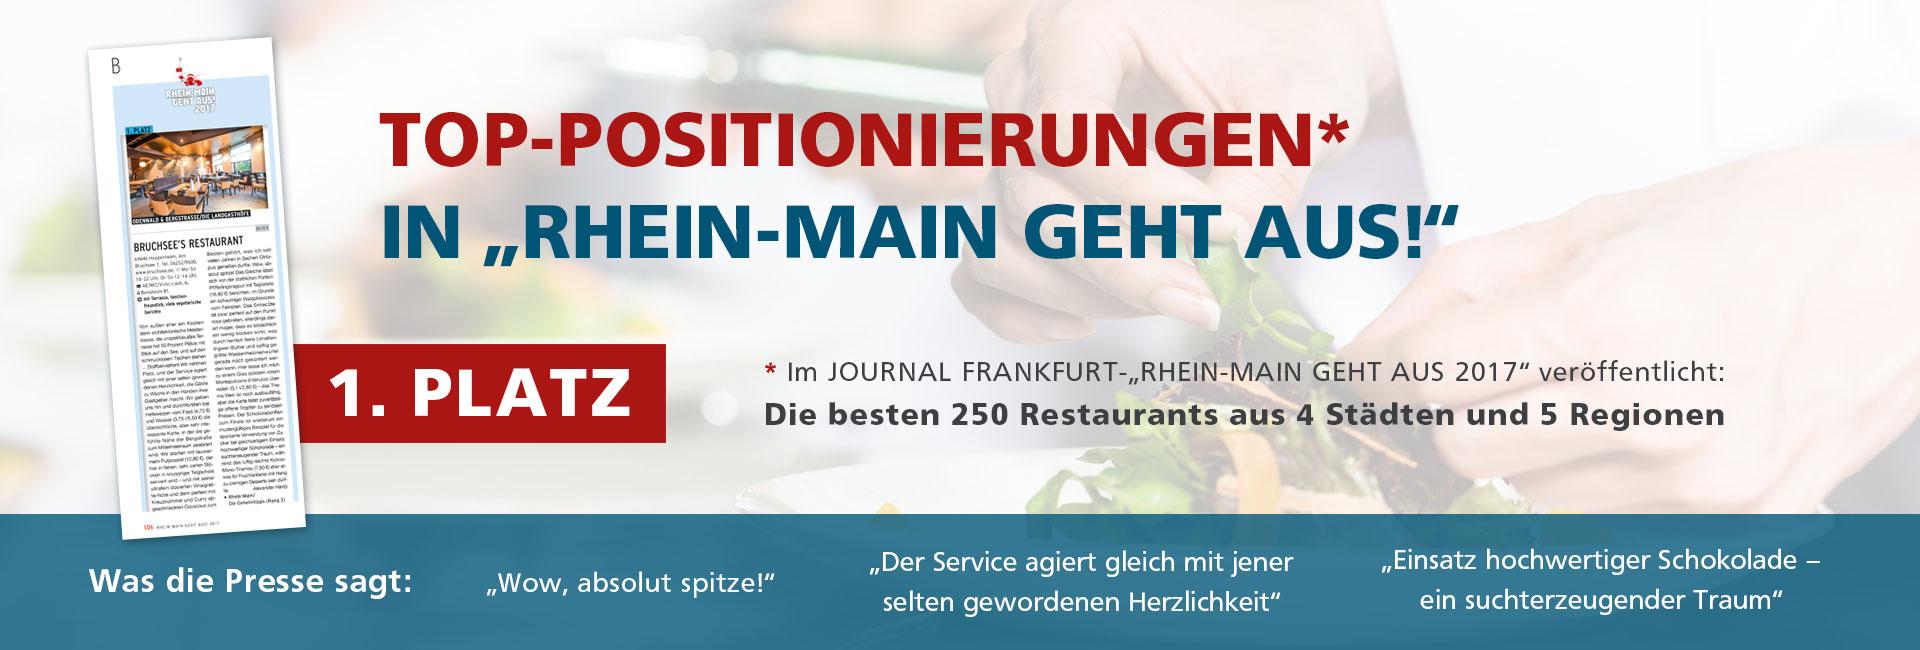 restaurant-header-artikel3